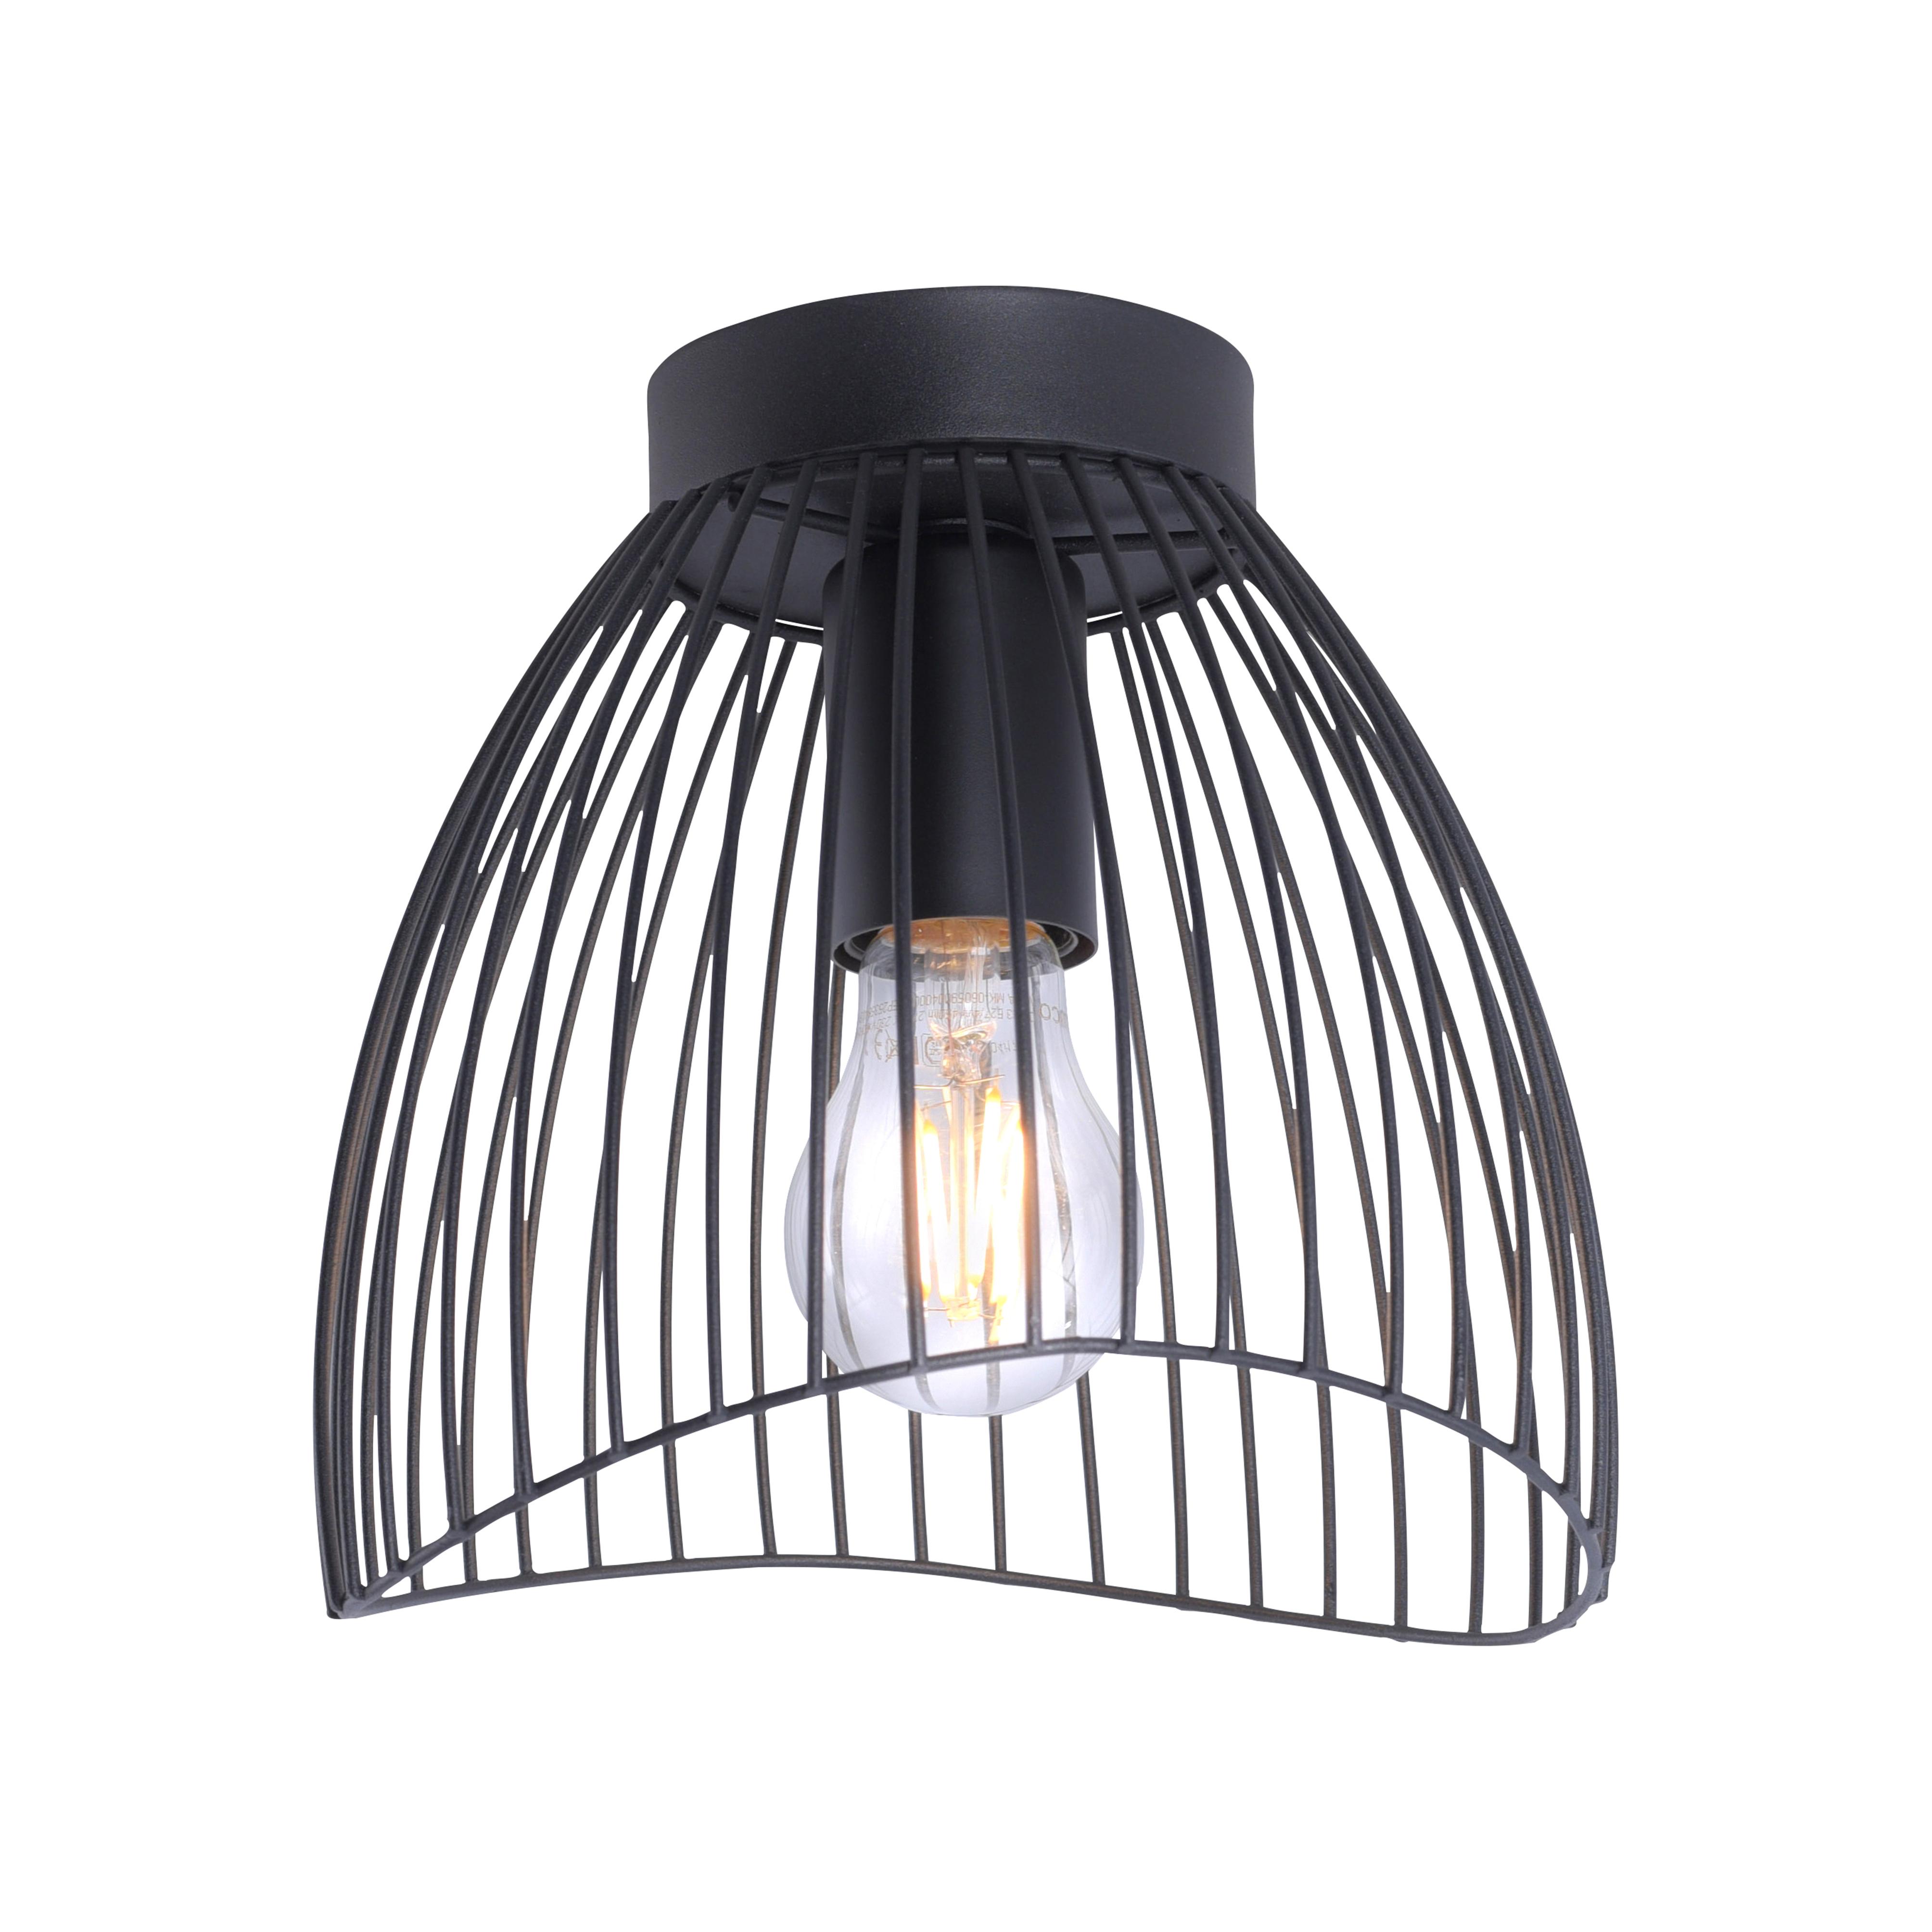 Design plafondlamp zwart - Pua